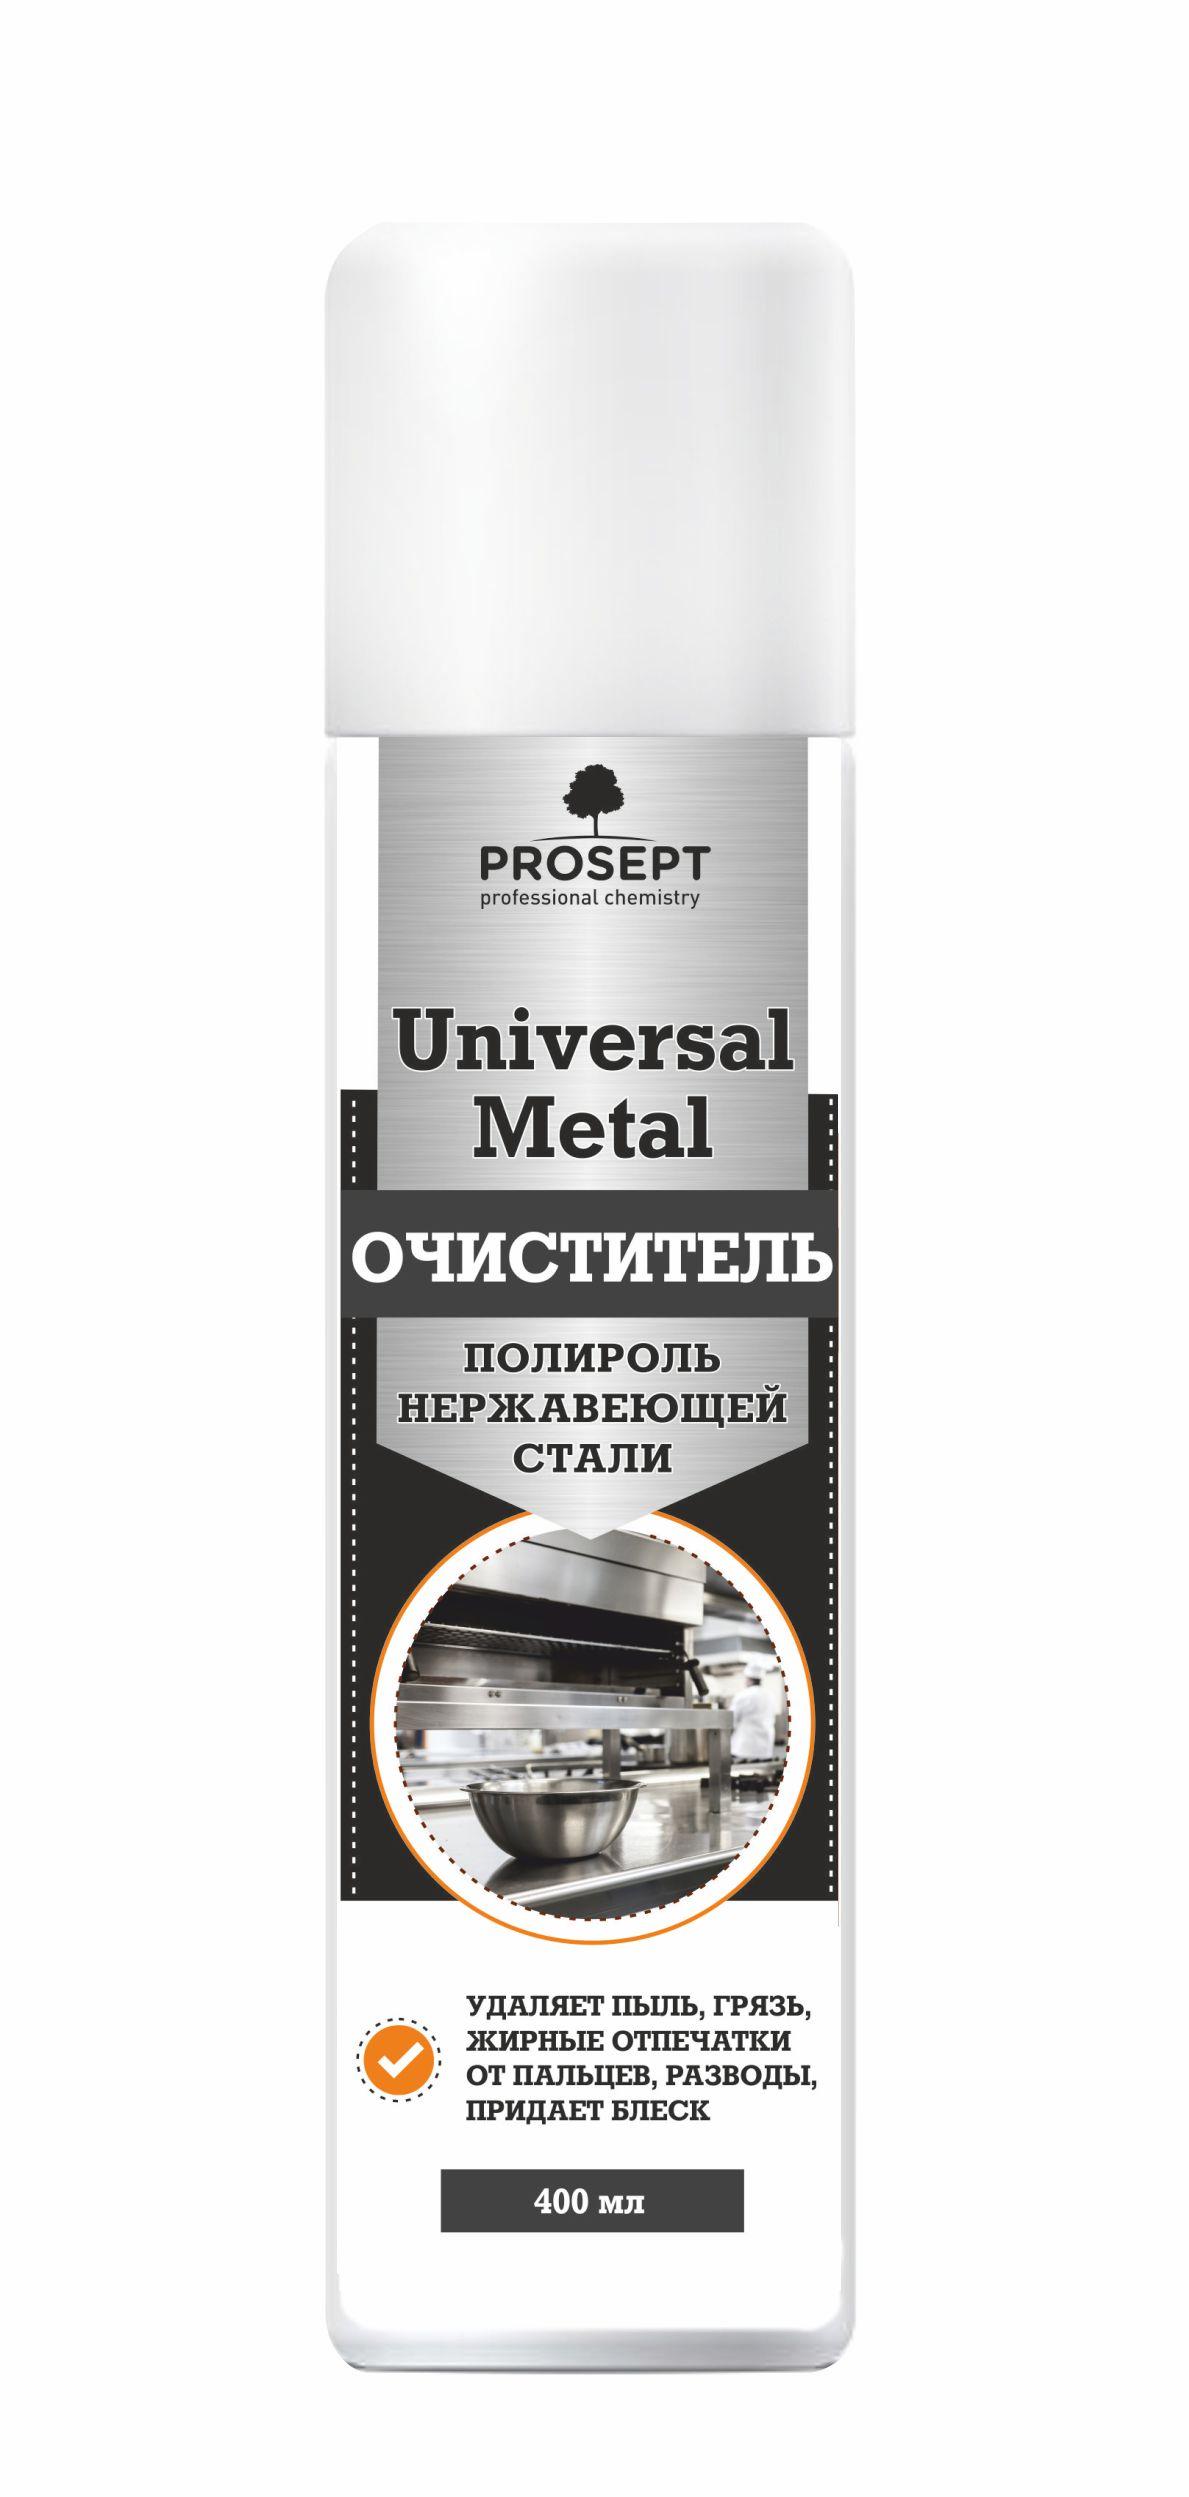 Полироль Prosept Universal Metal для нержавеющей стали, 0,4 л270-05Эффективно удаляет отпечатки от пальцев, различные бытовые загрязнения с нержавеющей стали и других металлических поверхностей. Подходит для полировки корпусов и декоративных панелей бытовой техники, холодильников, вытяжных зонтов, лифтов, раковин и других элементов. Обладает антистатическим эффектом, придает поверхности глянец, облегчает последующий уход. Идеально для полировки и придания блеска поверхностям из нержавеющей стали и других металлических материалов. Может применяться на поверхностях, имитирующих нержавеющую сталь.